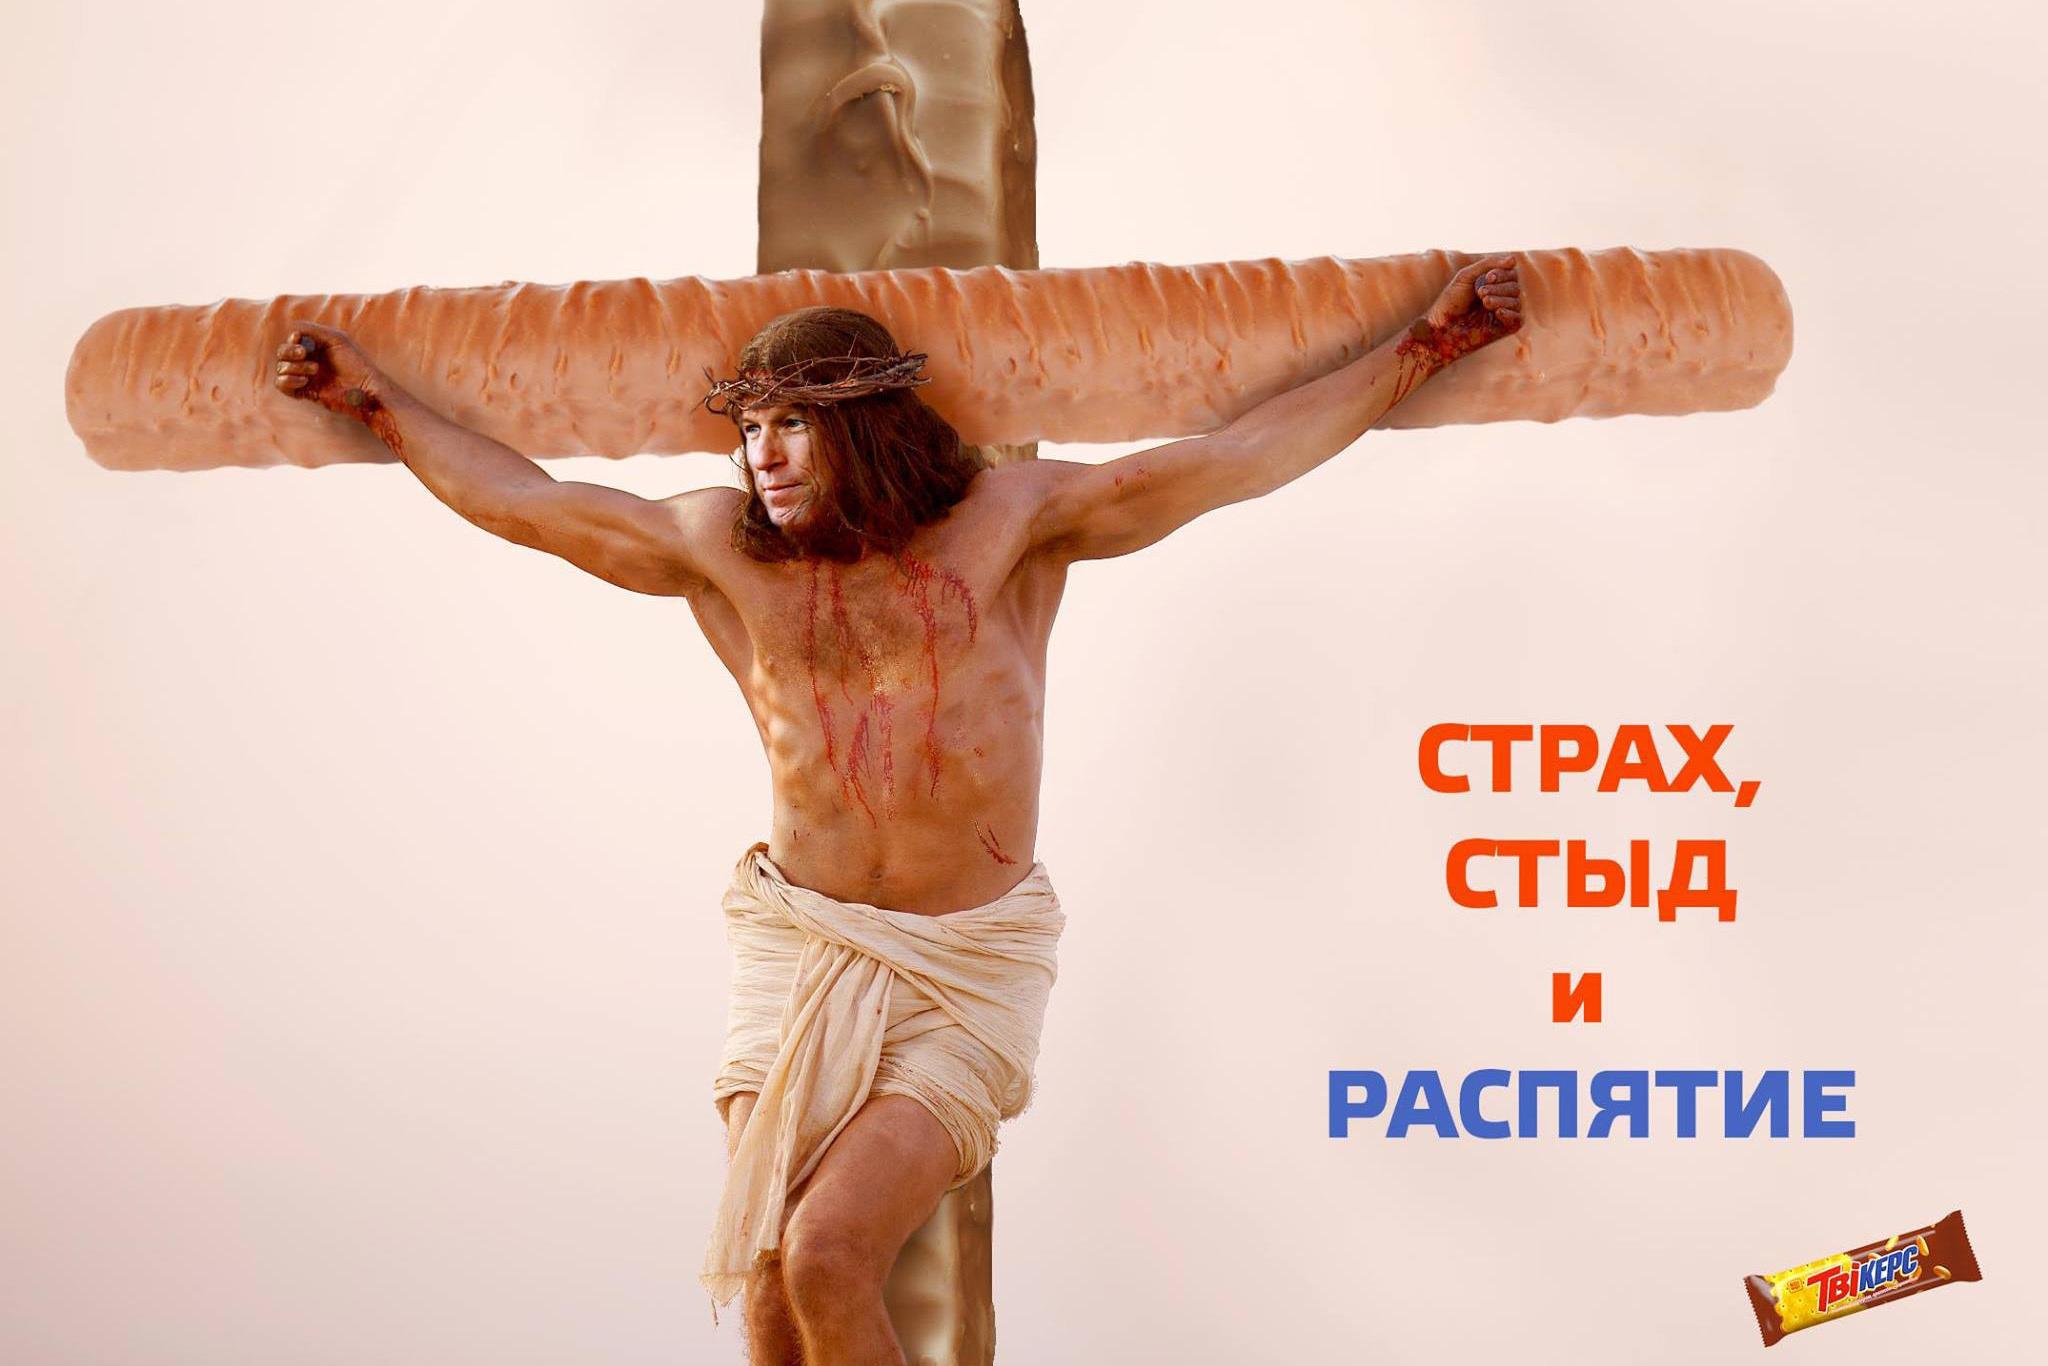 Источник: FB Максима Горбикова